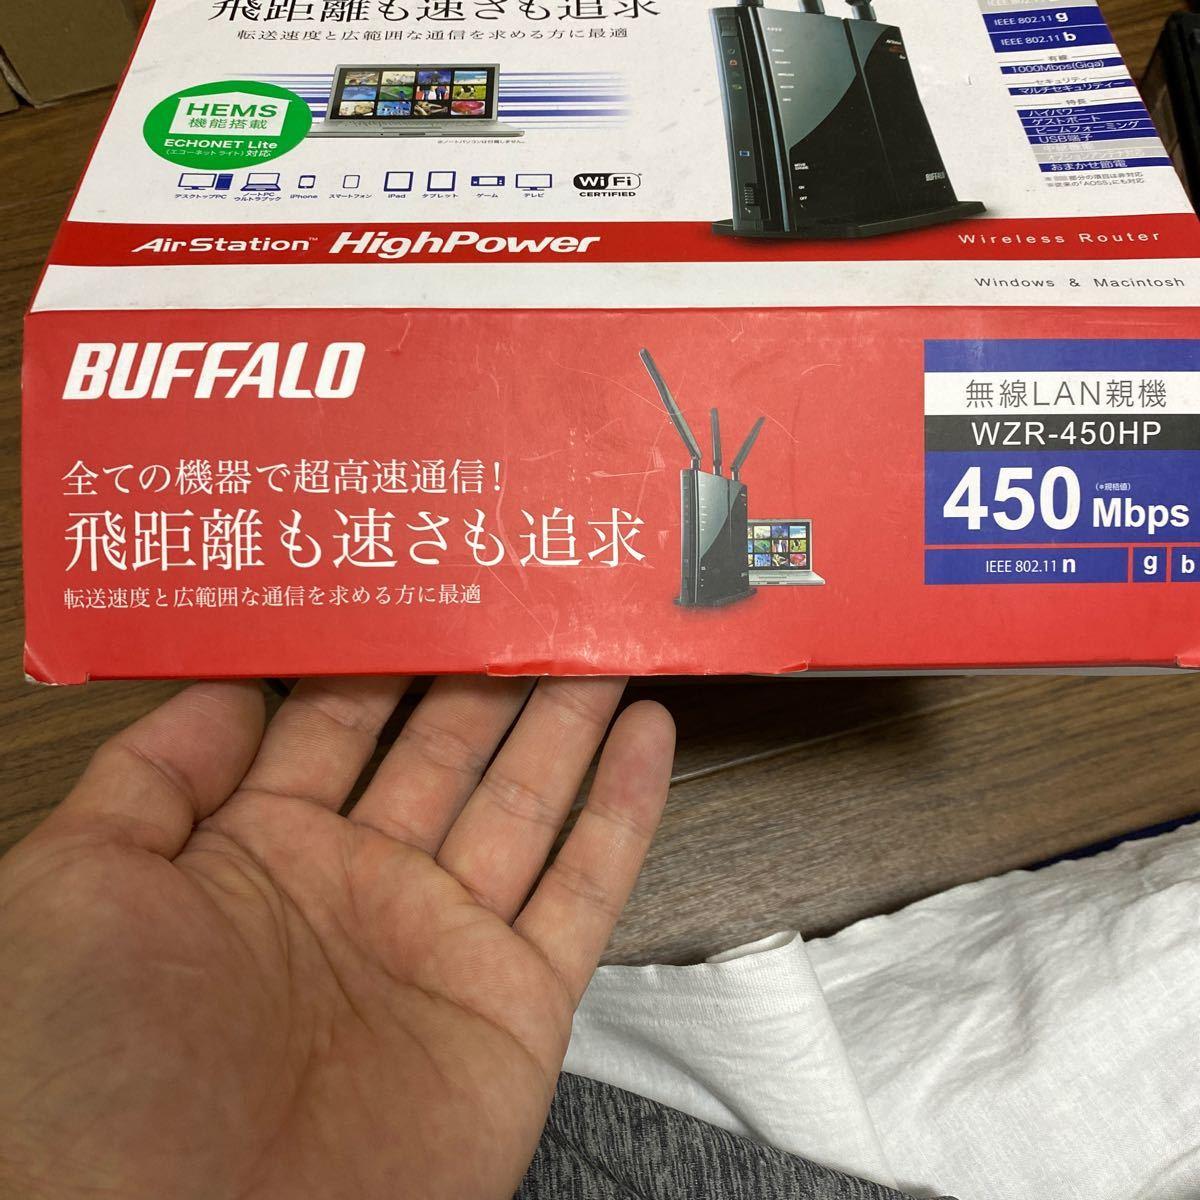 無線LAN親機 BUFFALO 無線LANルーター 無線LAN